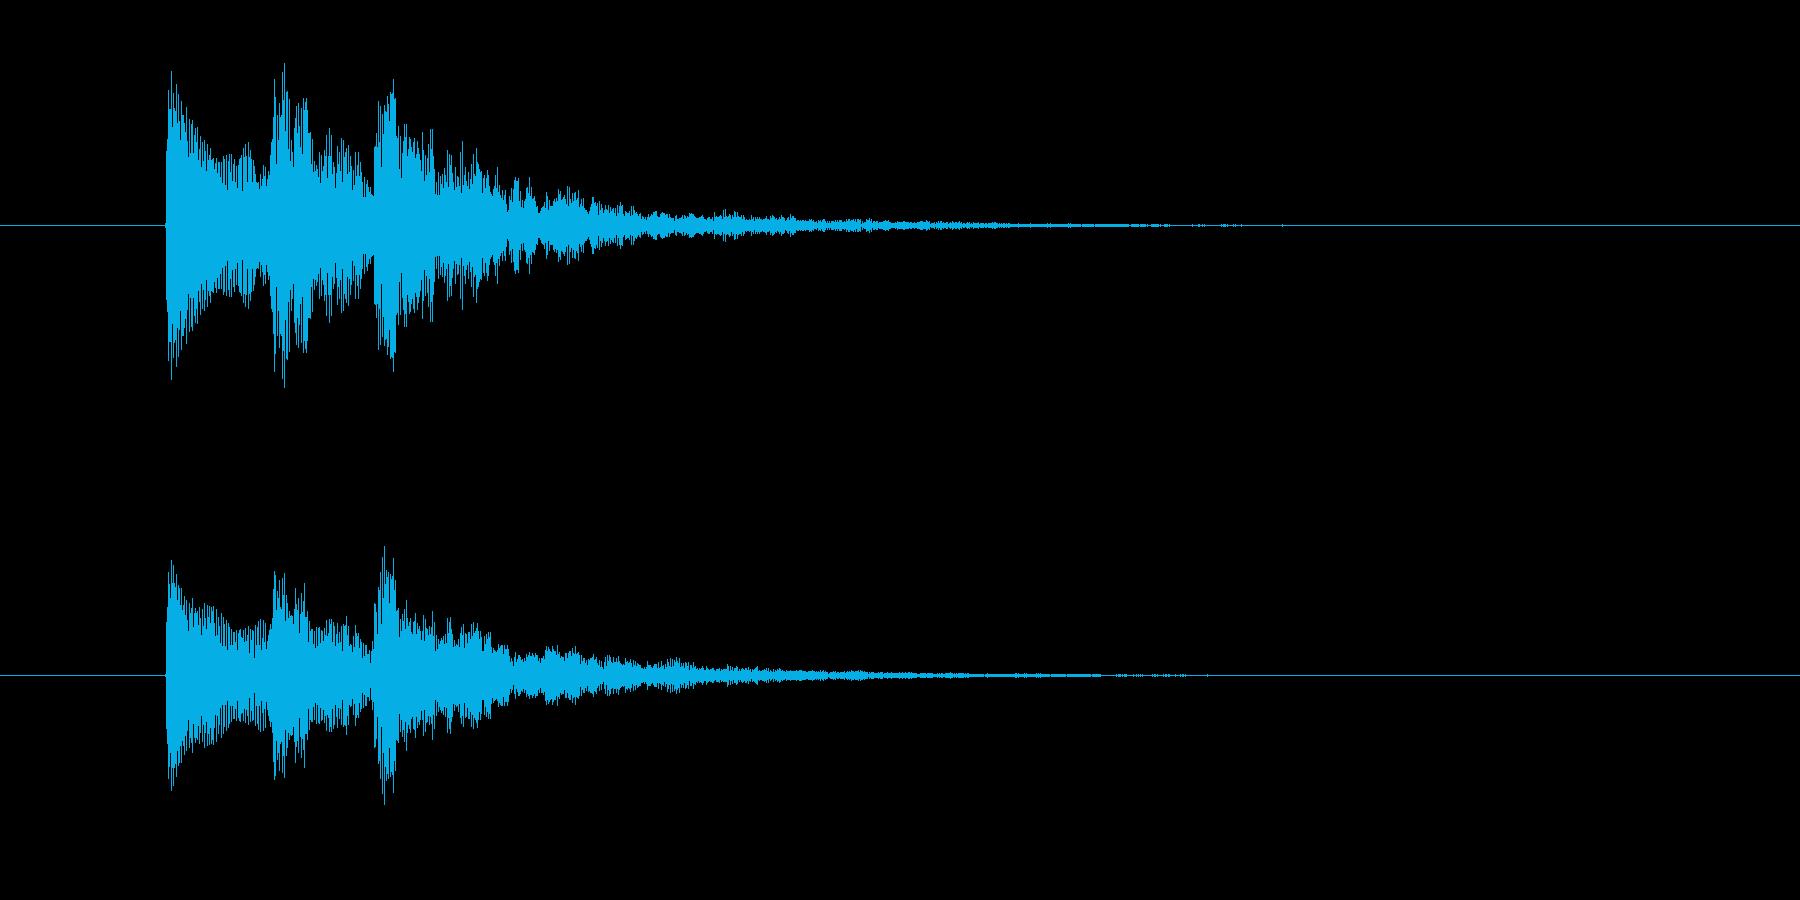 チャララン(シンセジングル)の再生済みの波形